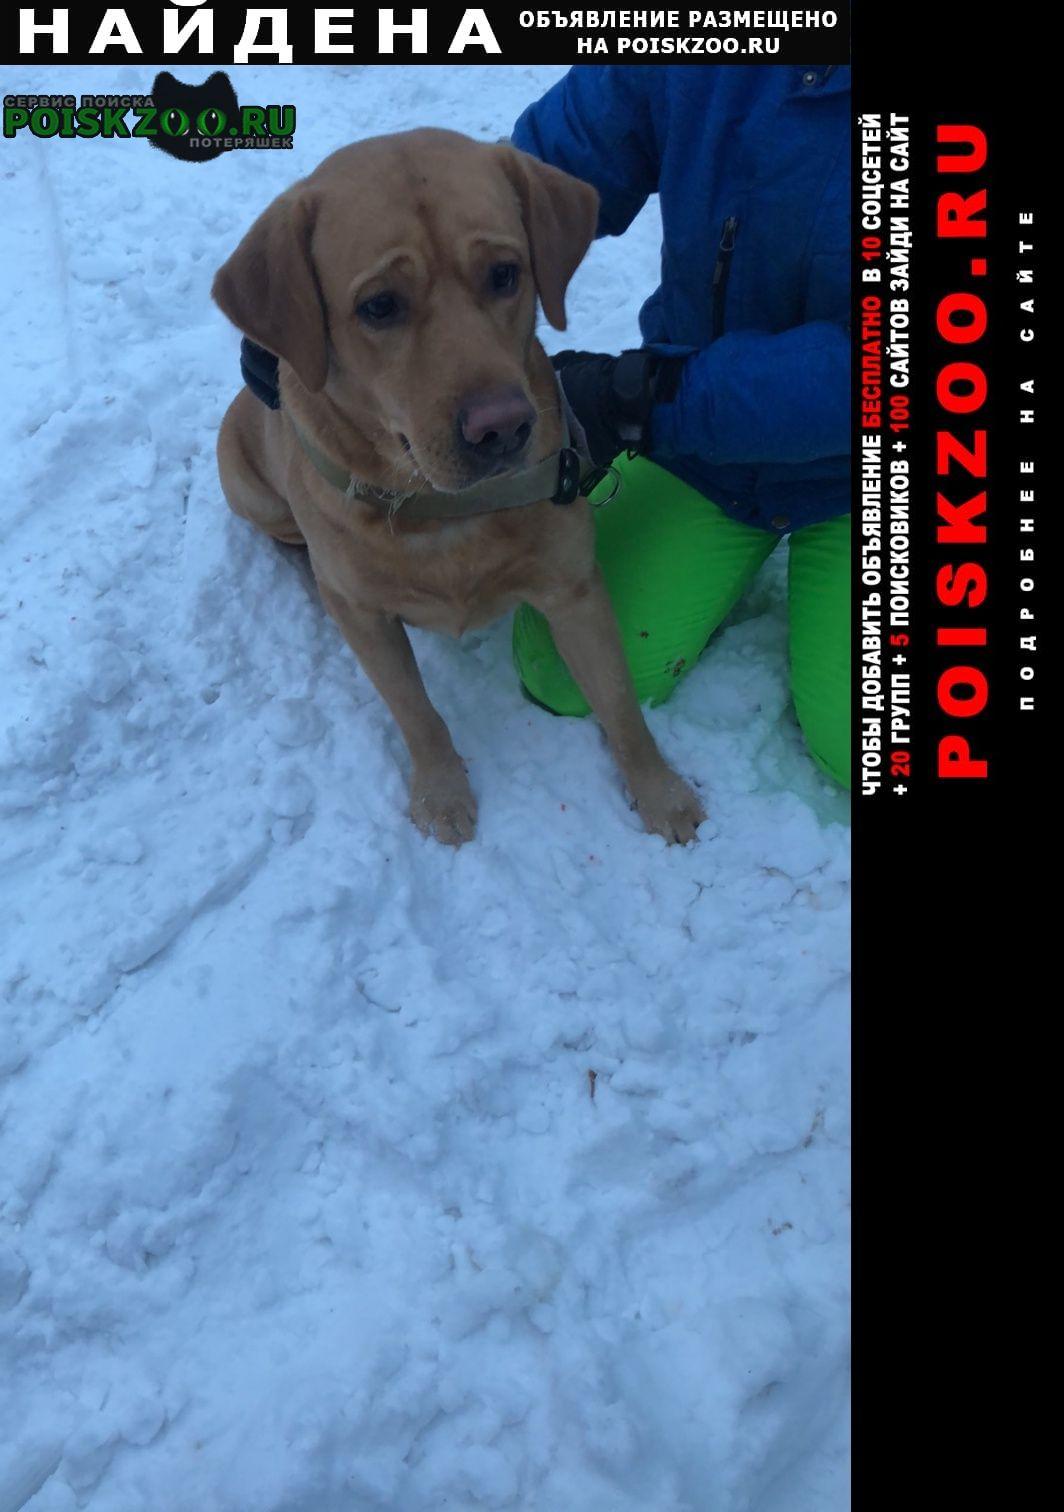 Найдена собака лабрадор, мальчик Красноярск